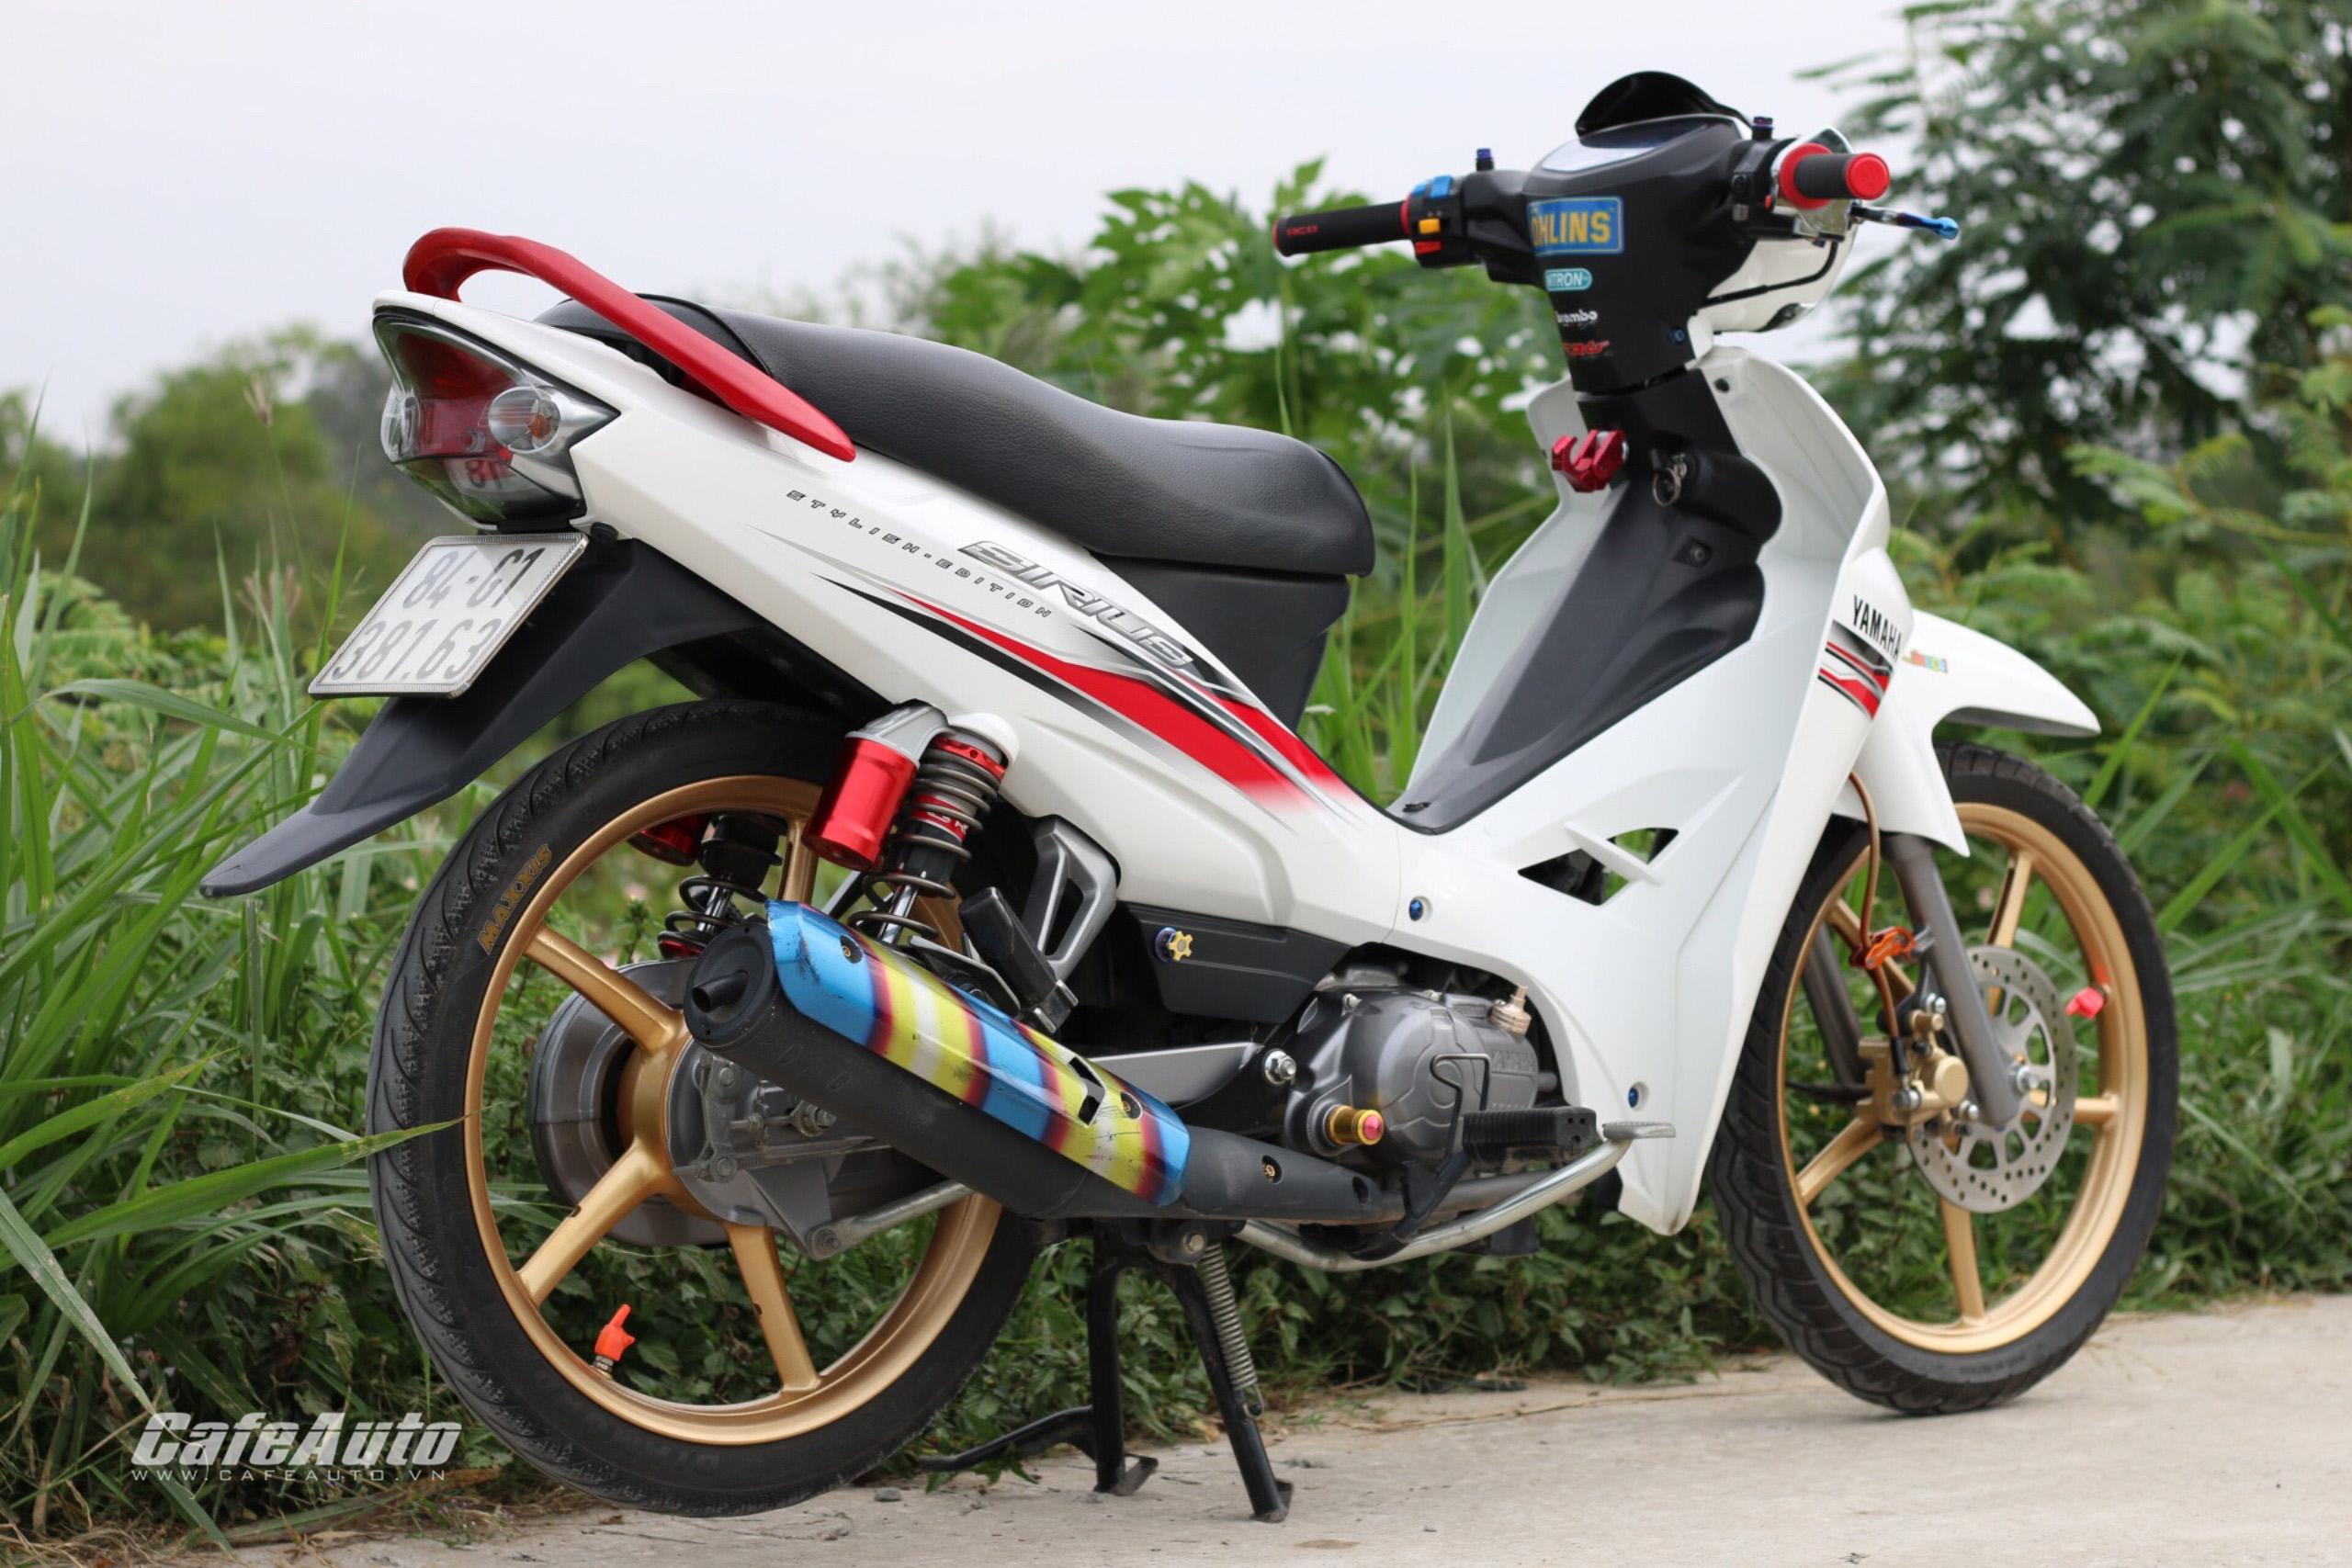 ... Yamaha Sirius độ nhẹ nhàng trắng ngọc trinh của biker miền Tây ...